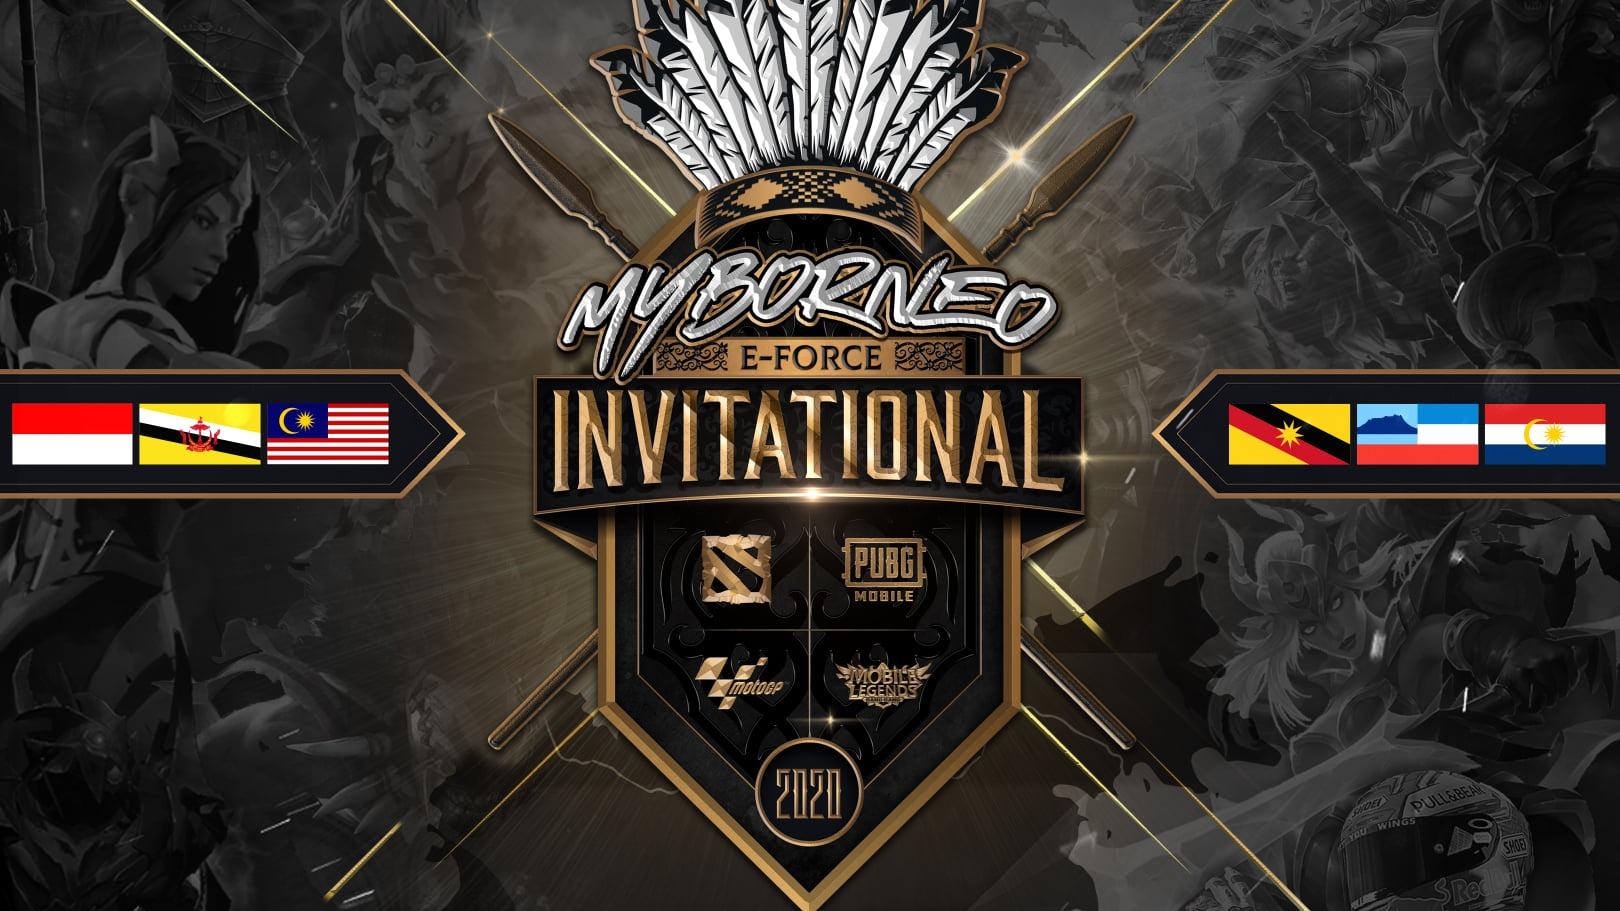 MyBorneo E-Force Invitational 2020 akan dianjurkan untuk peminat dan pemain e-sukan di kepulauan Borneo